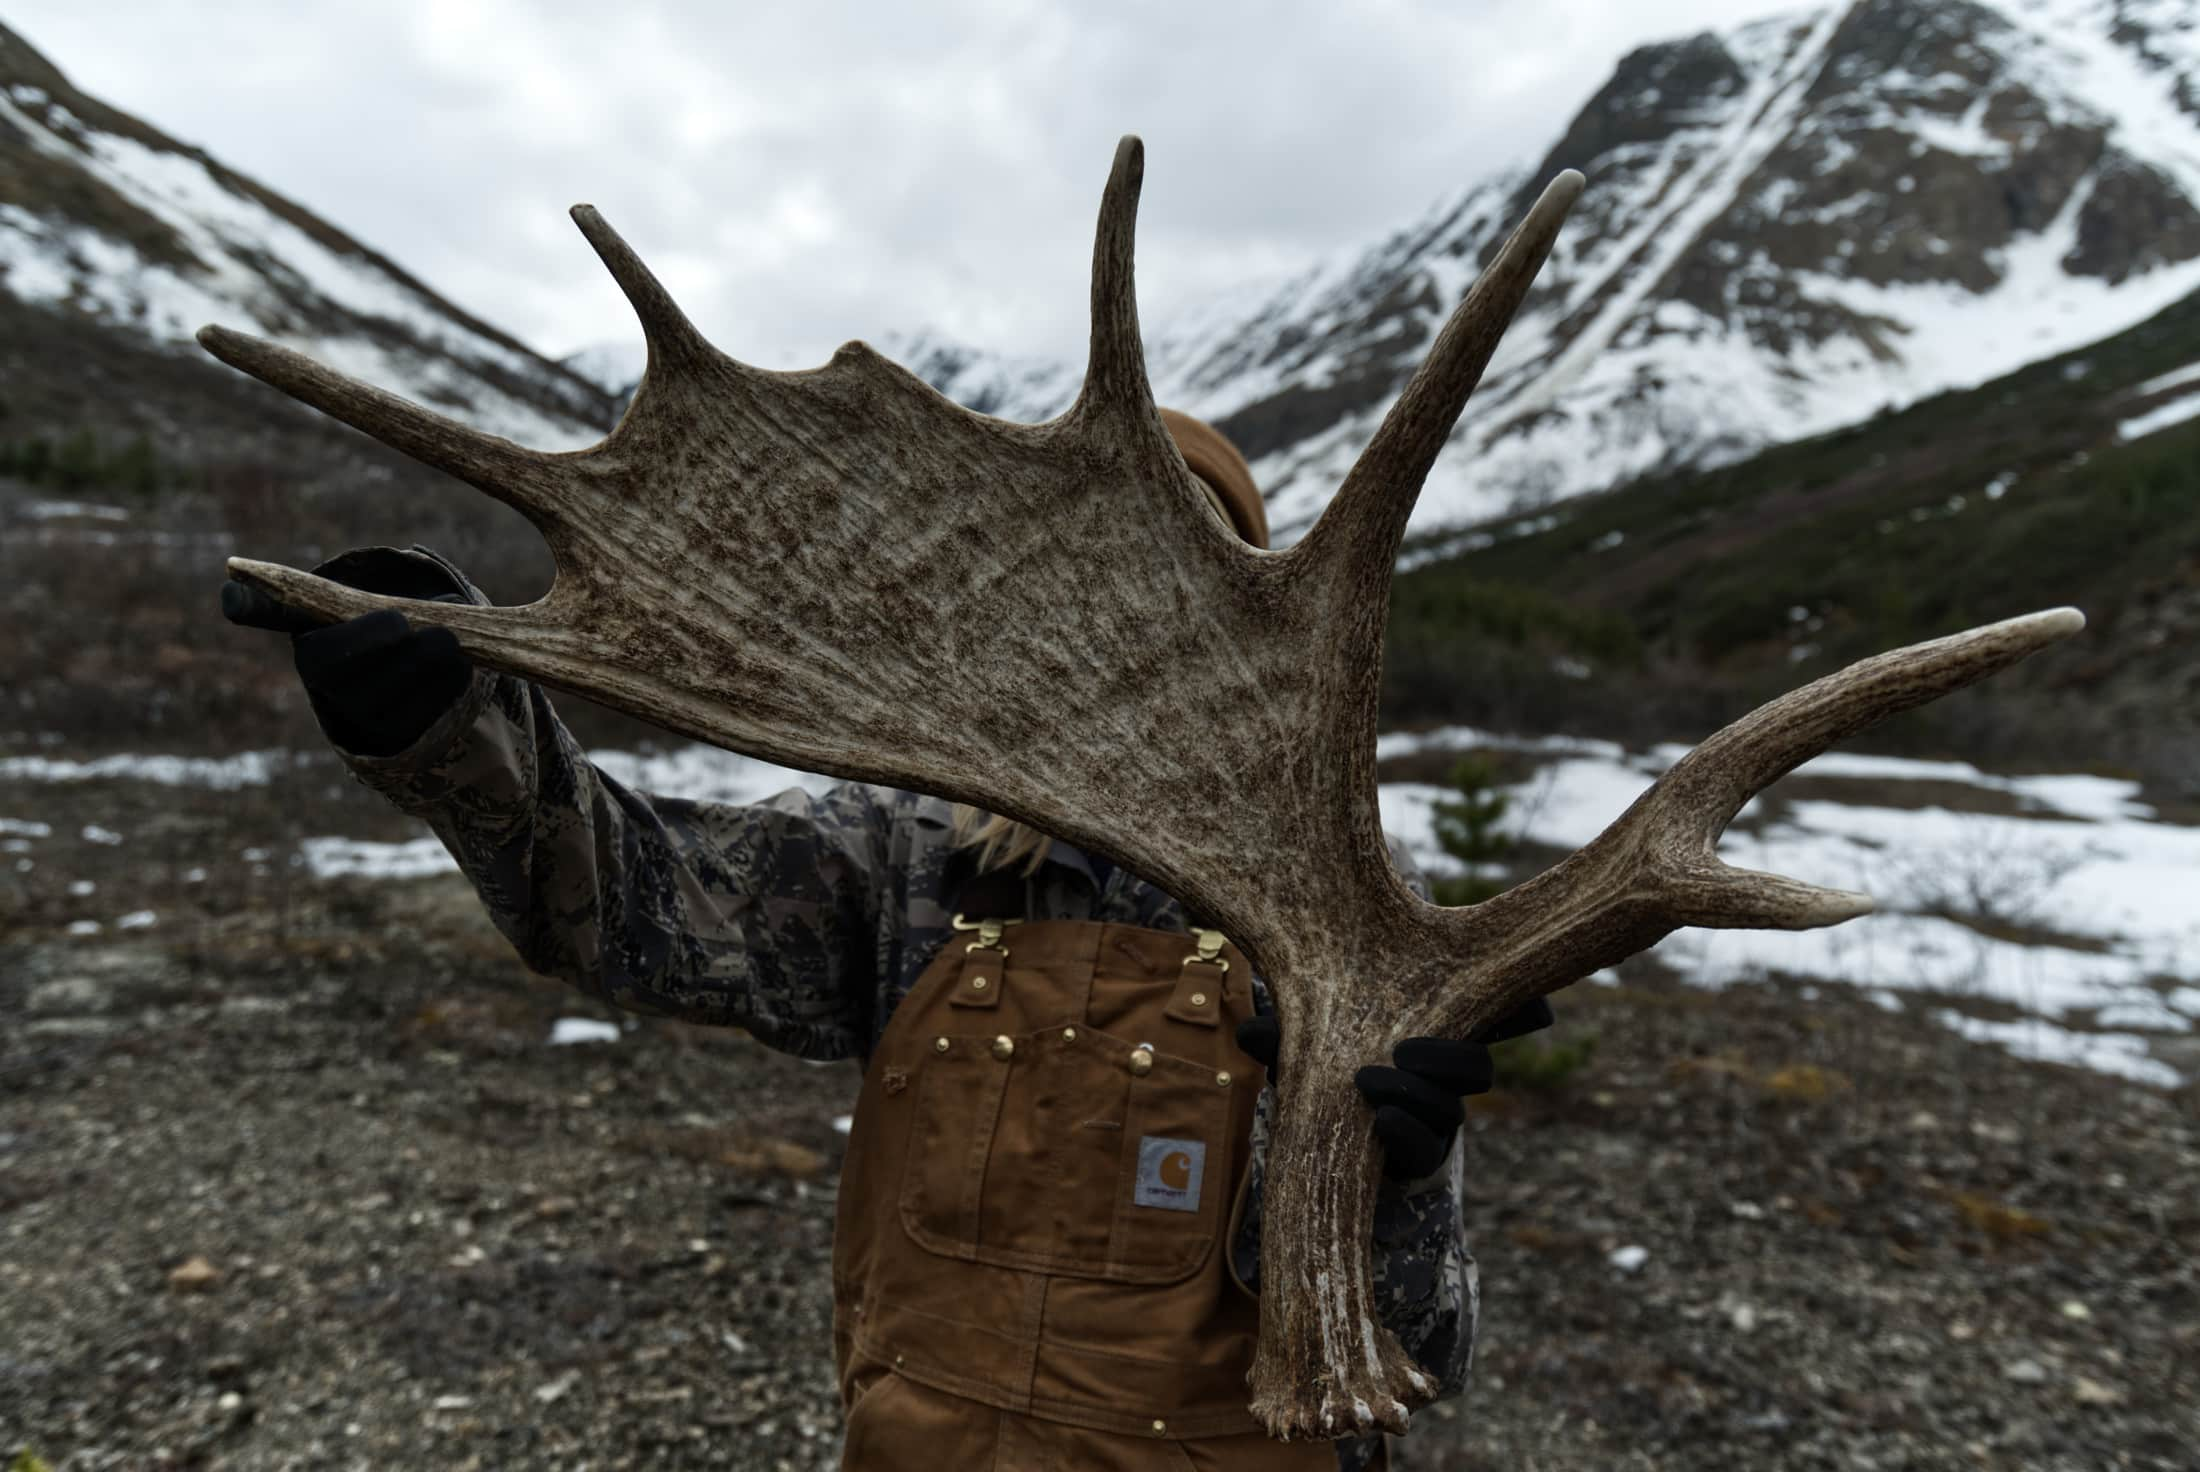 Muskwa-Kechika moose antlers